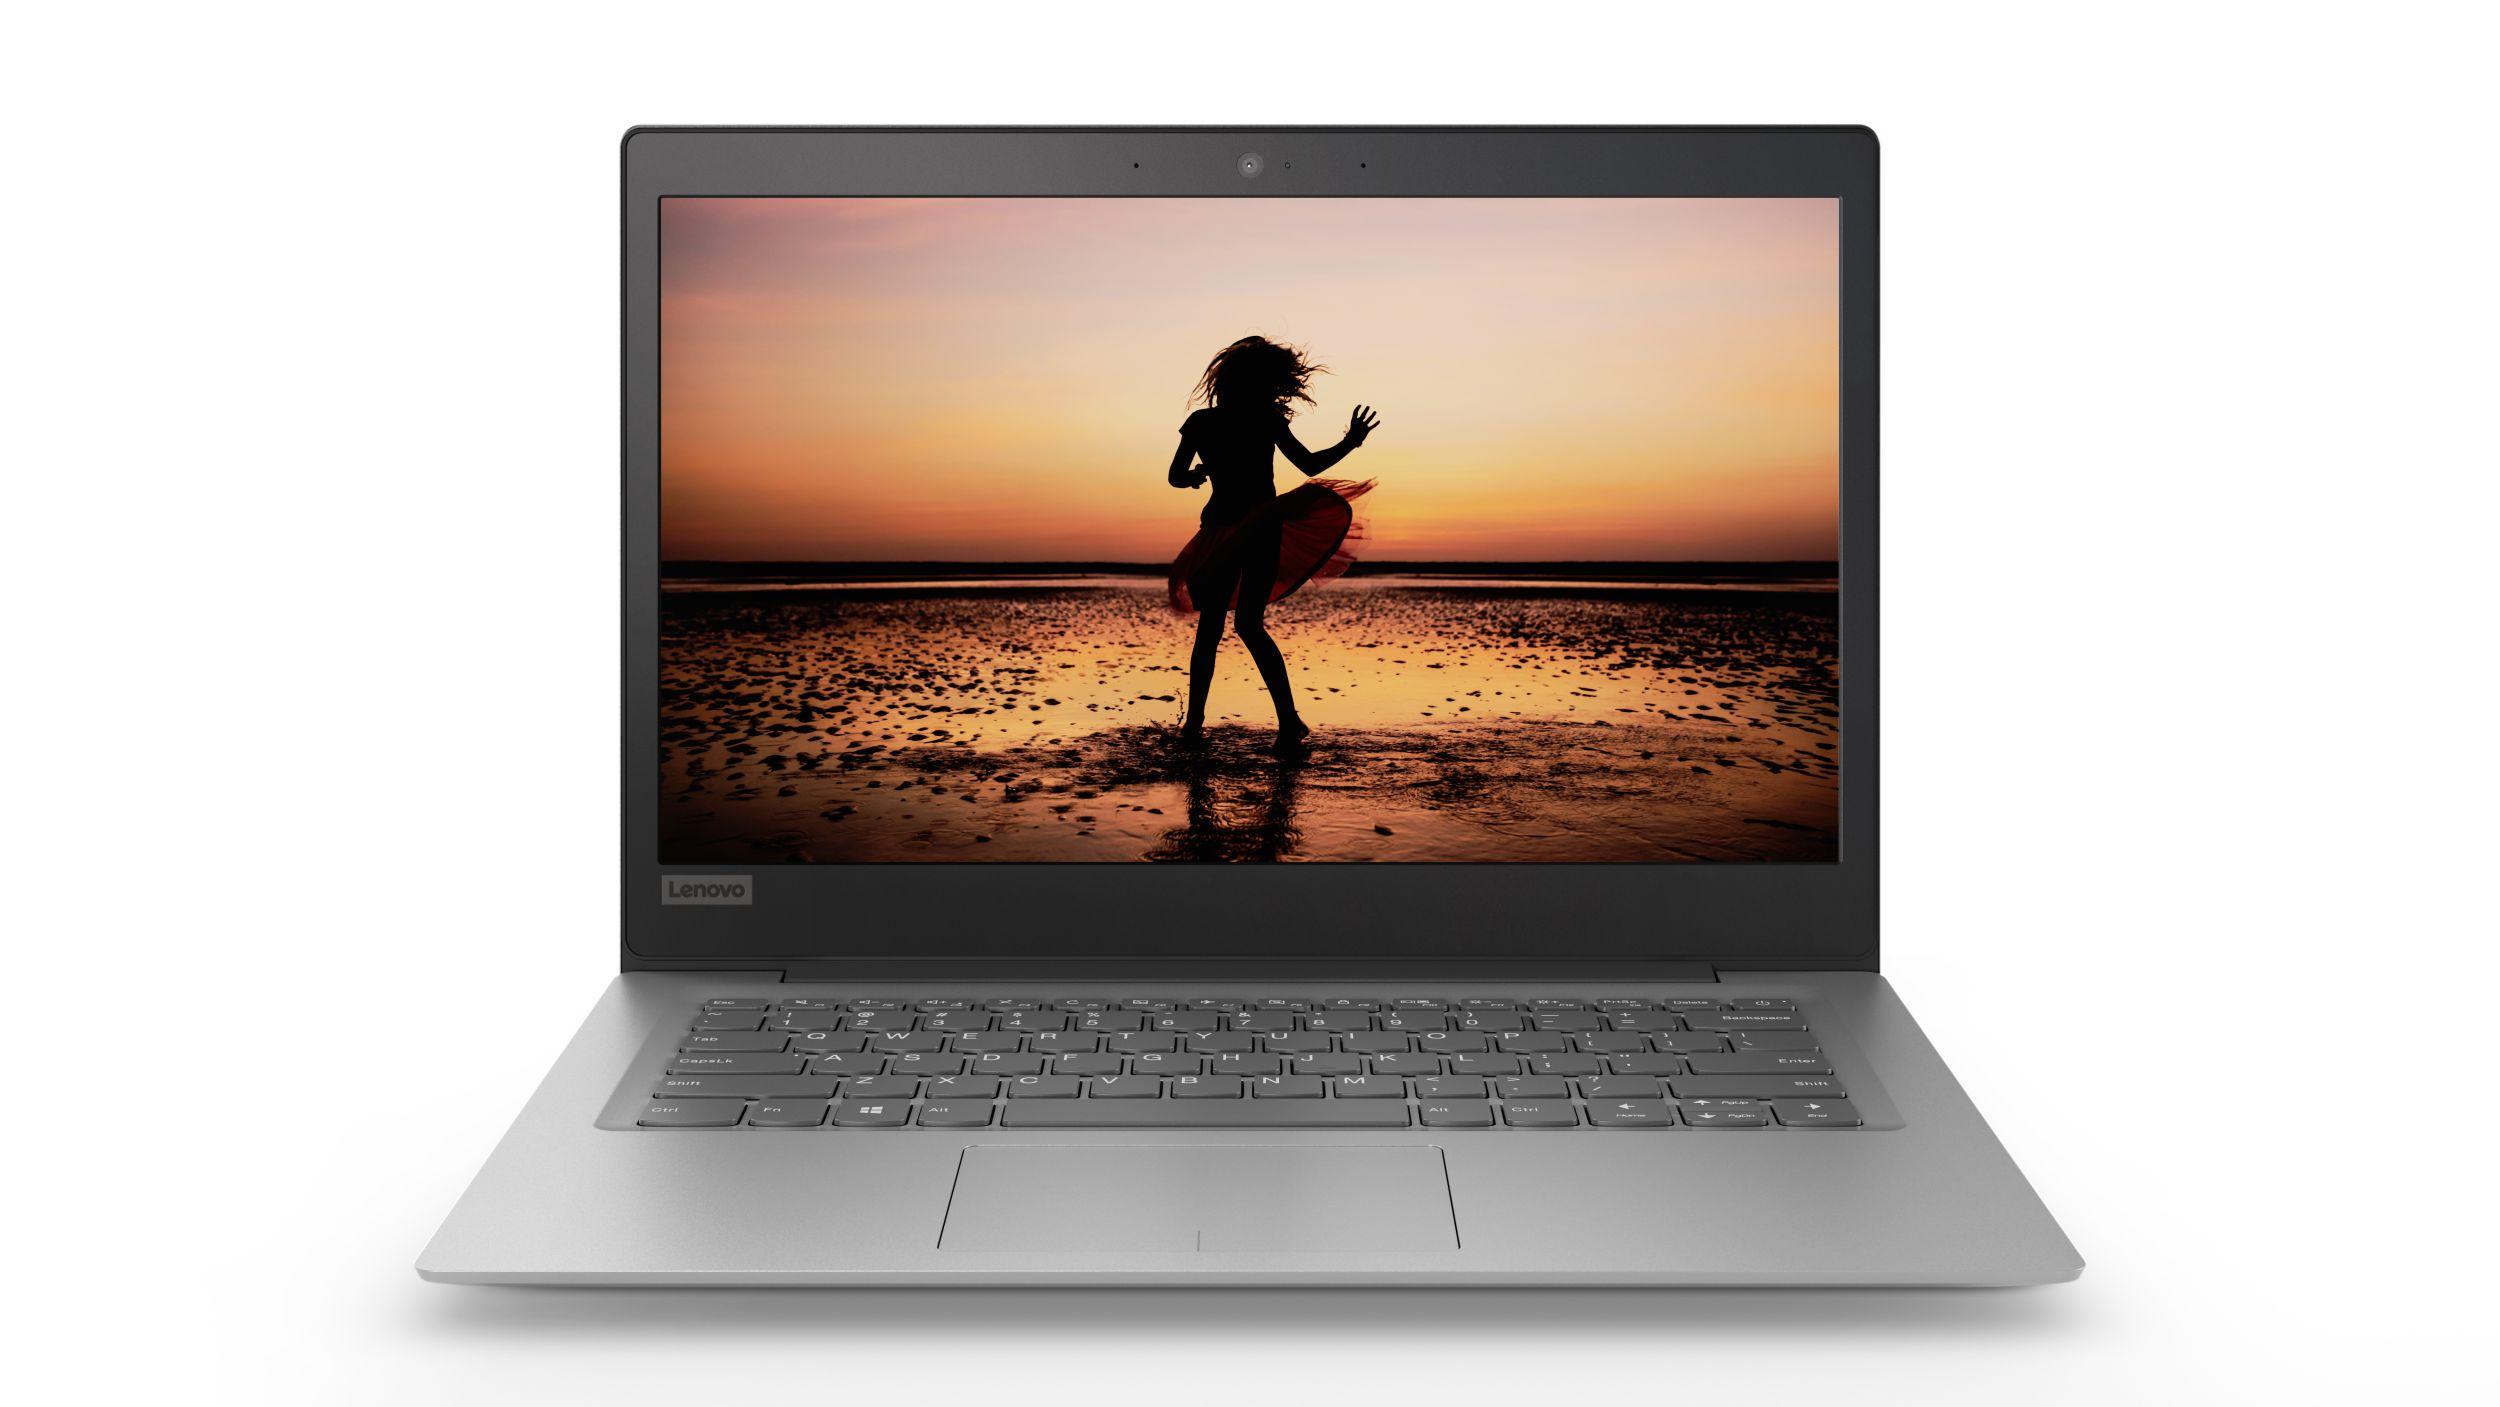 81A5003LCK IP 120S 14.0 HD/N3450/2GB/32G/INT/W10 S šedý